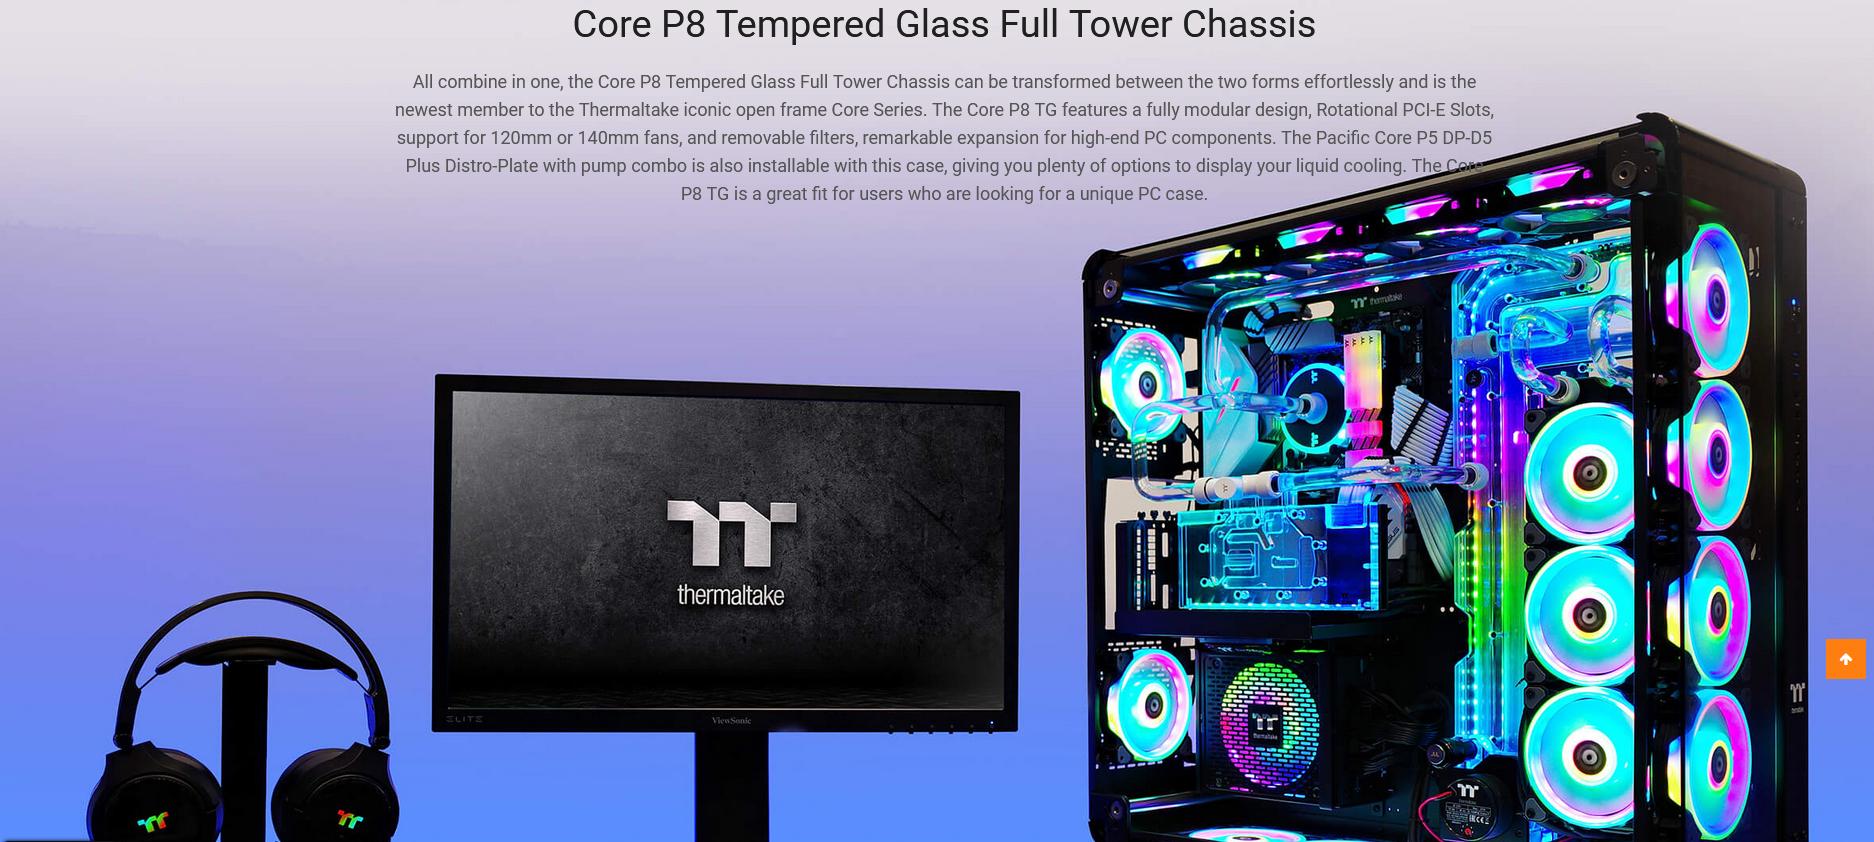 Case Thermaltake Core P8 Tempered Glass Full Tower Chassis (Full Tower / Màu Đen) sở hữu khả năng hỗ trợ phần cứng vô cùng đa dạng